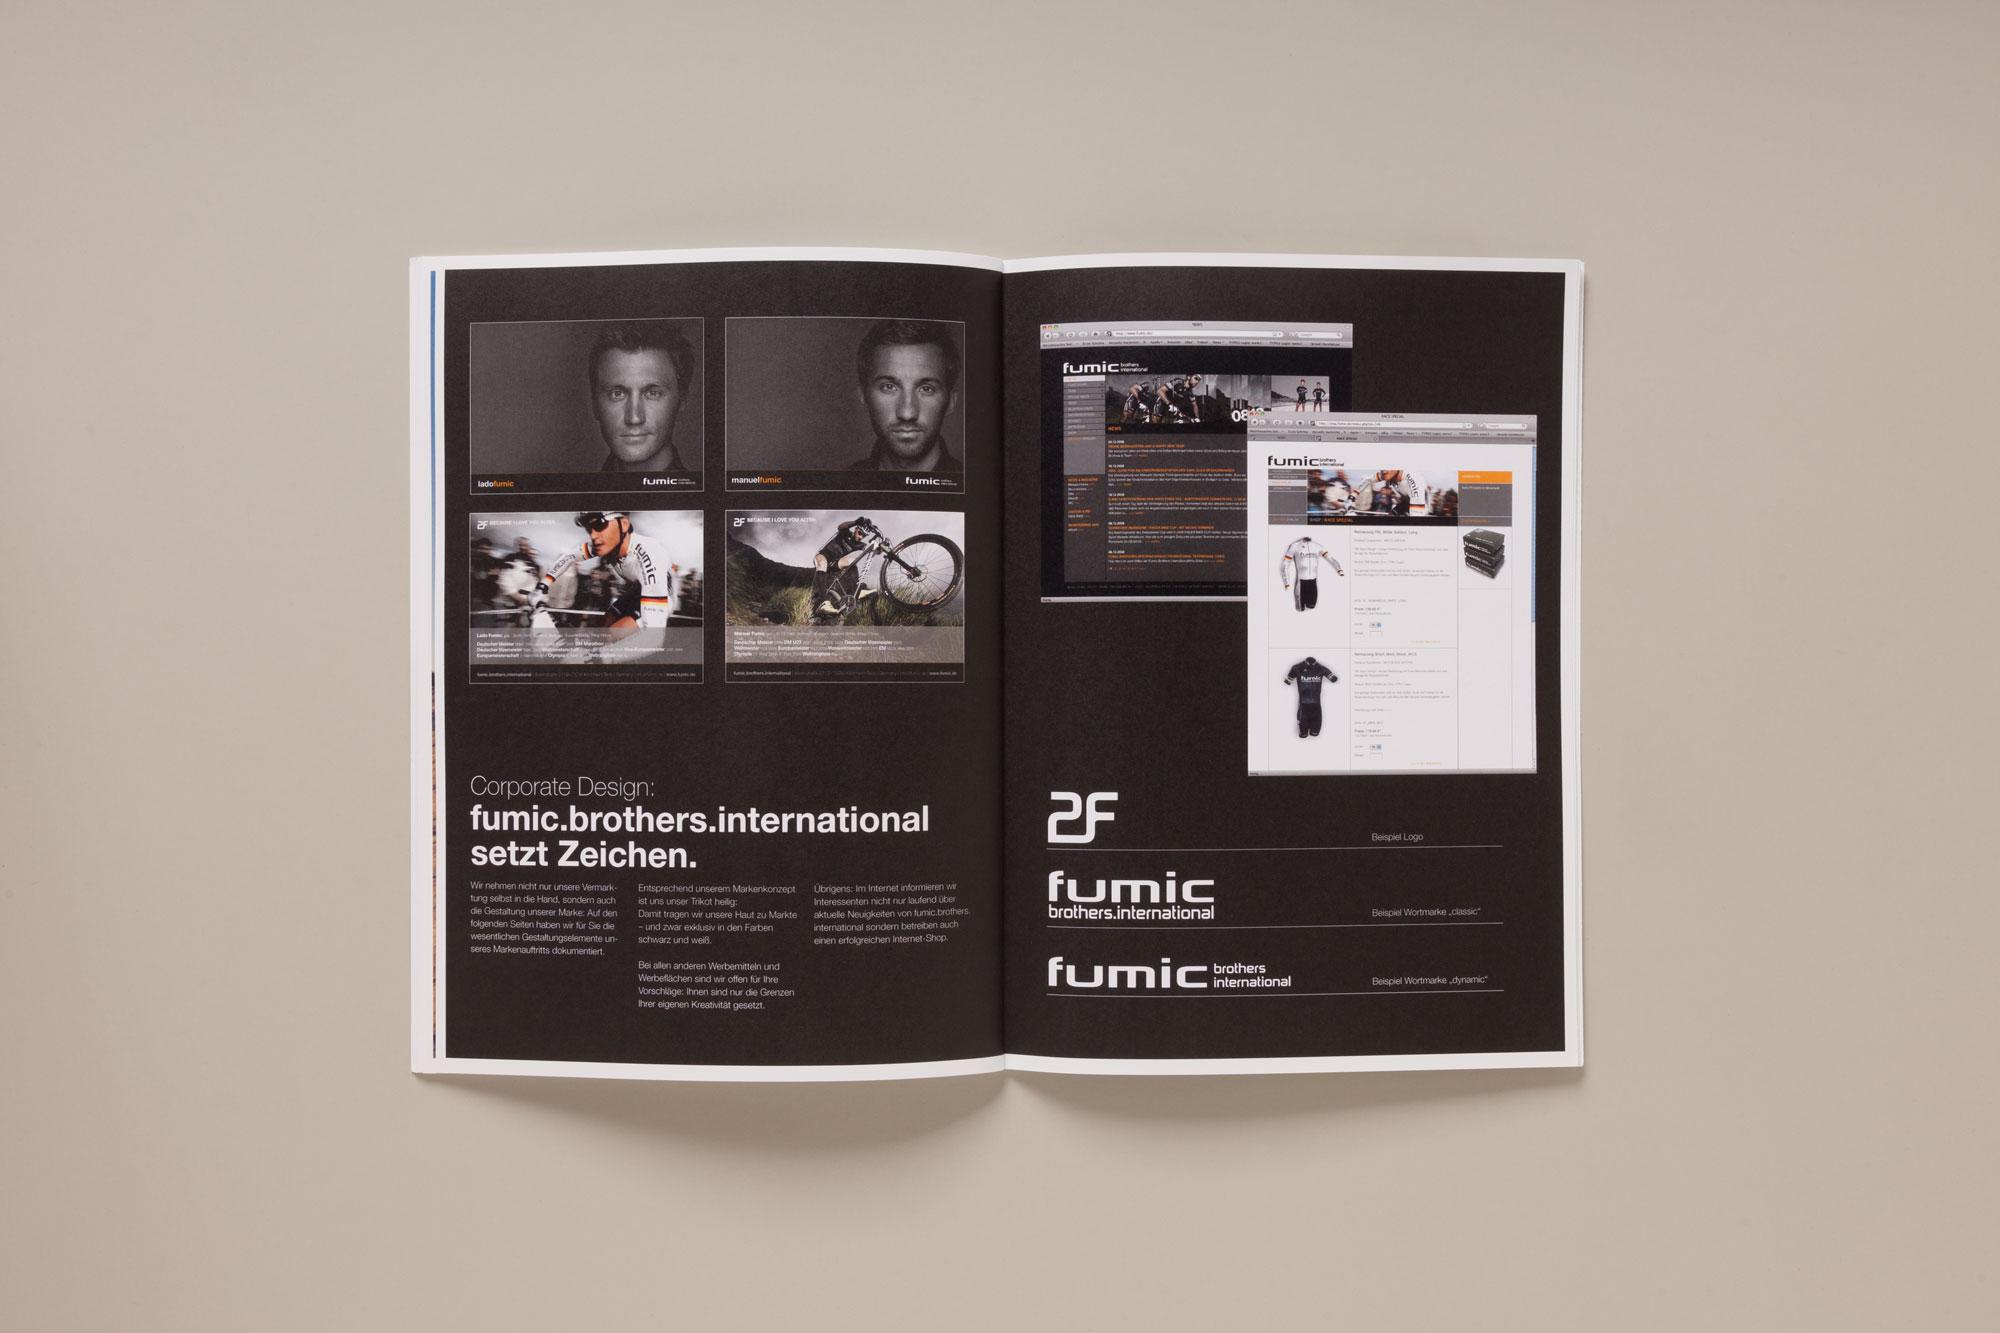 Für das MTB-Rennteam fumic brothers international gestaltet 75a aus Stuttgart die